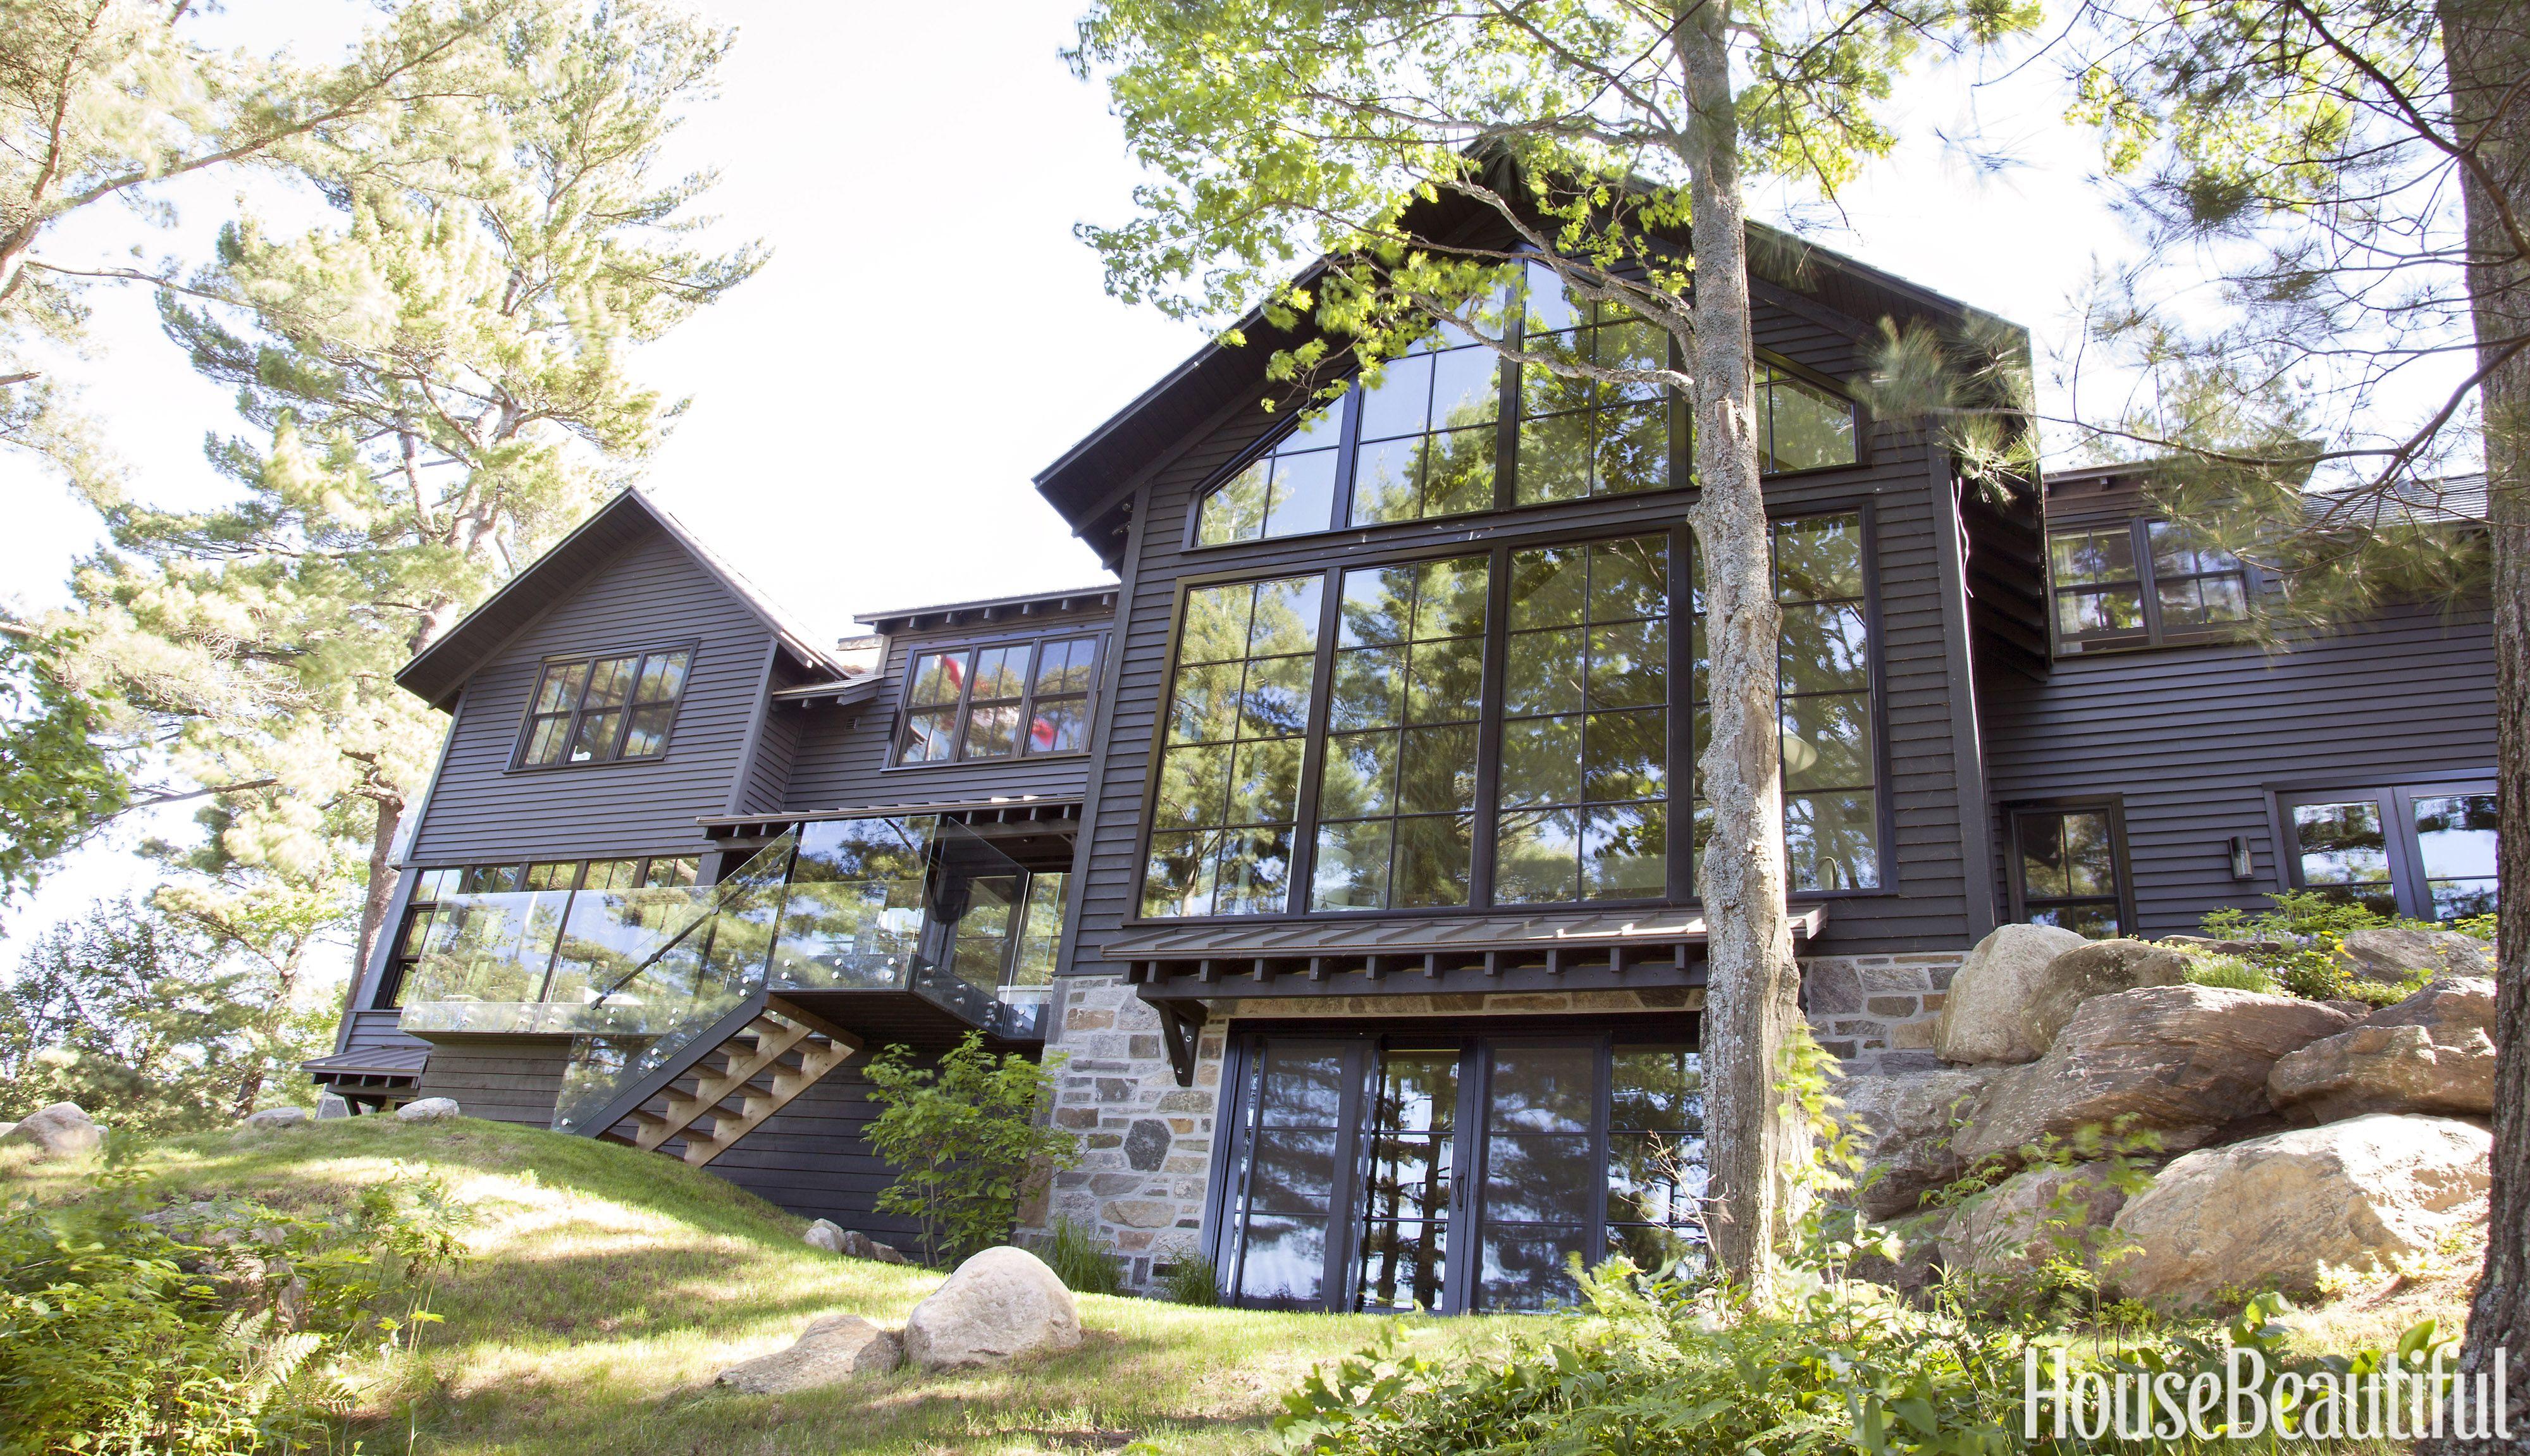 45 house exterior design ideas best home exteriors rh housebeautiful com